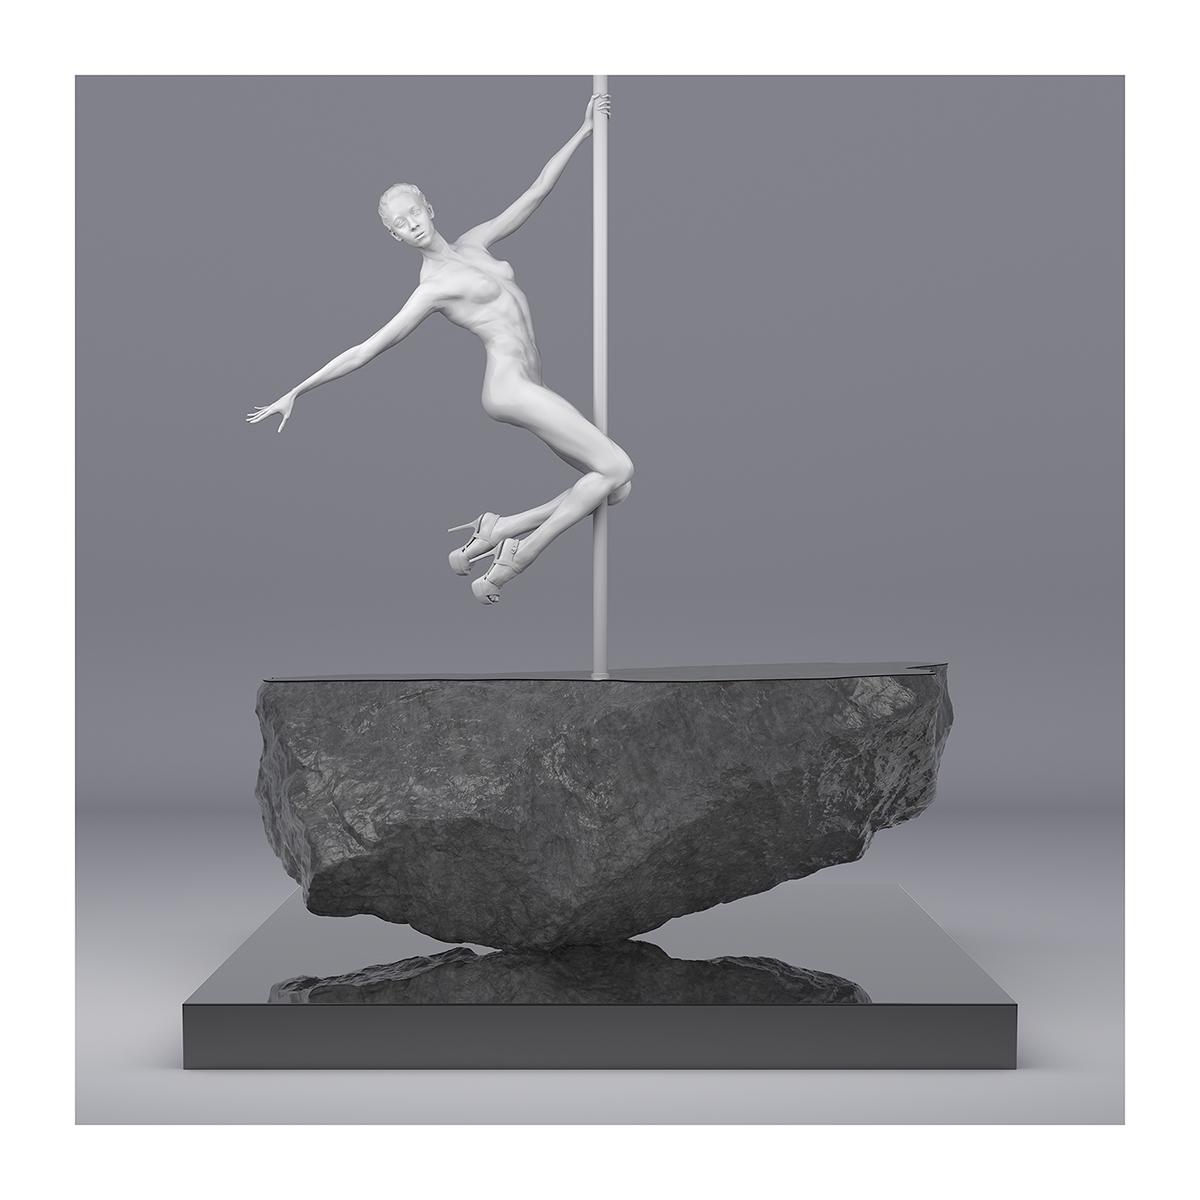 225 TWHS Pole Dance Dancer I 005 - 2021 - This was HomoSapiens. Pole Dance Dancer. I